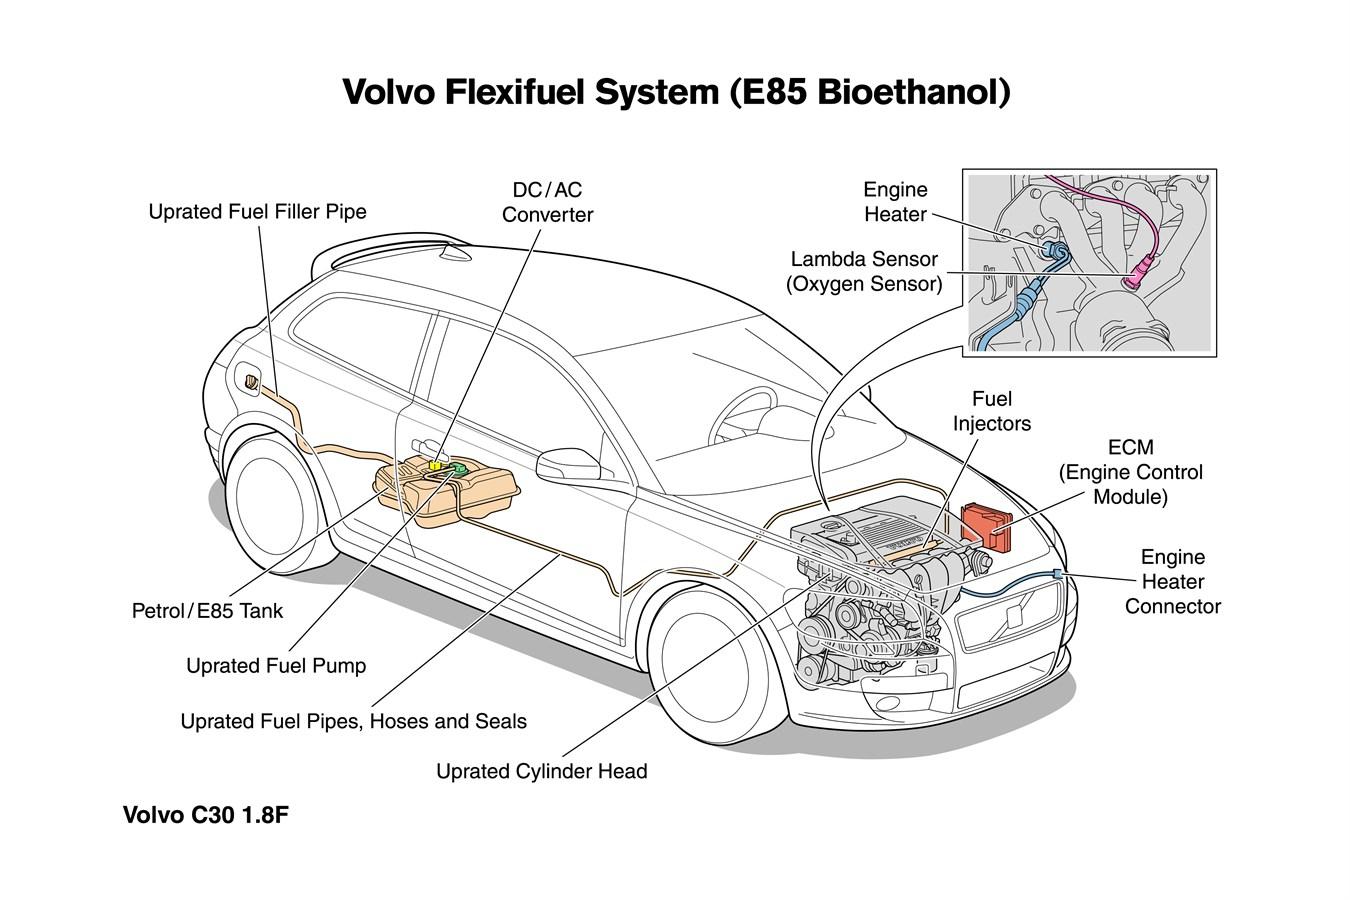 hight resolution of 2012 volvo c30 engine diagram schematics wiring diagrams u2022 c30 polestar rear volvo c30 engine